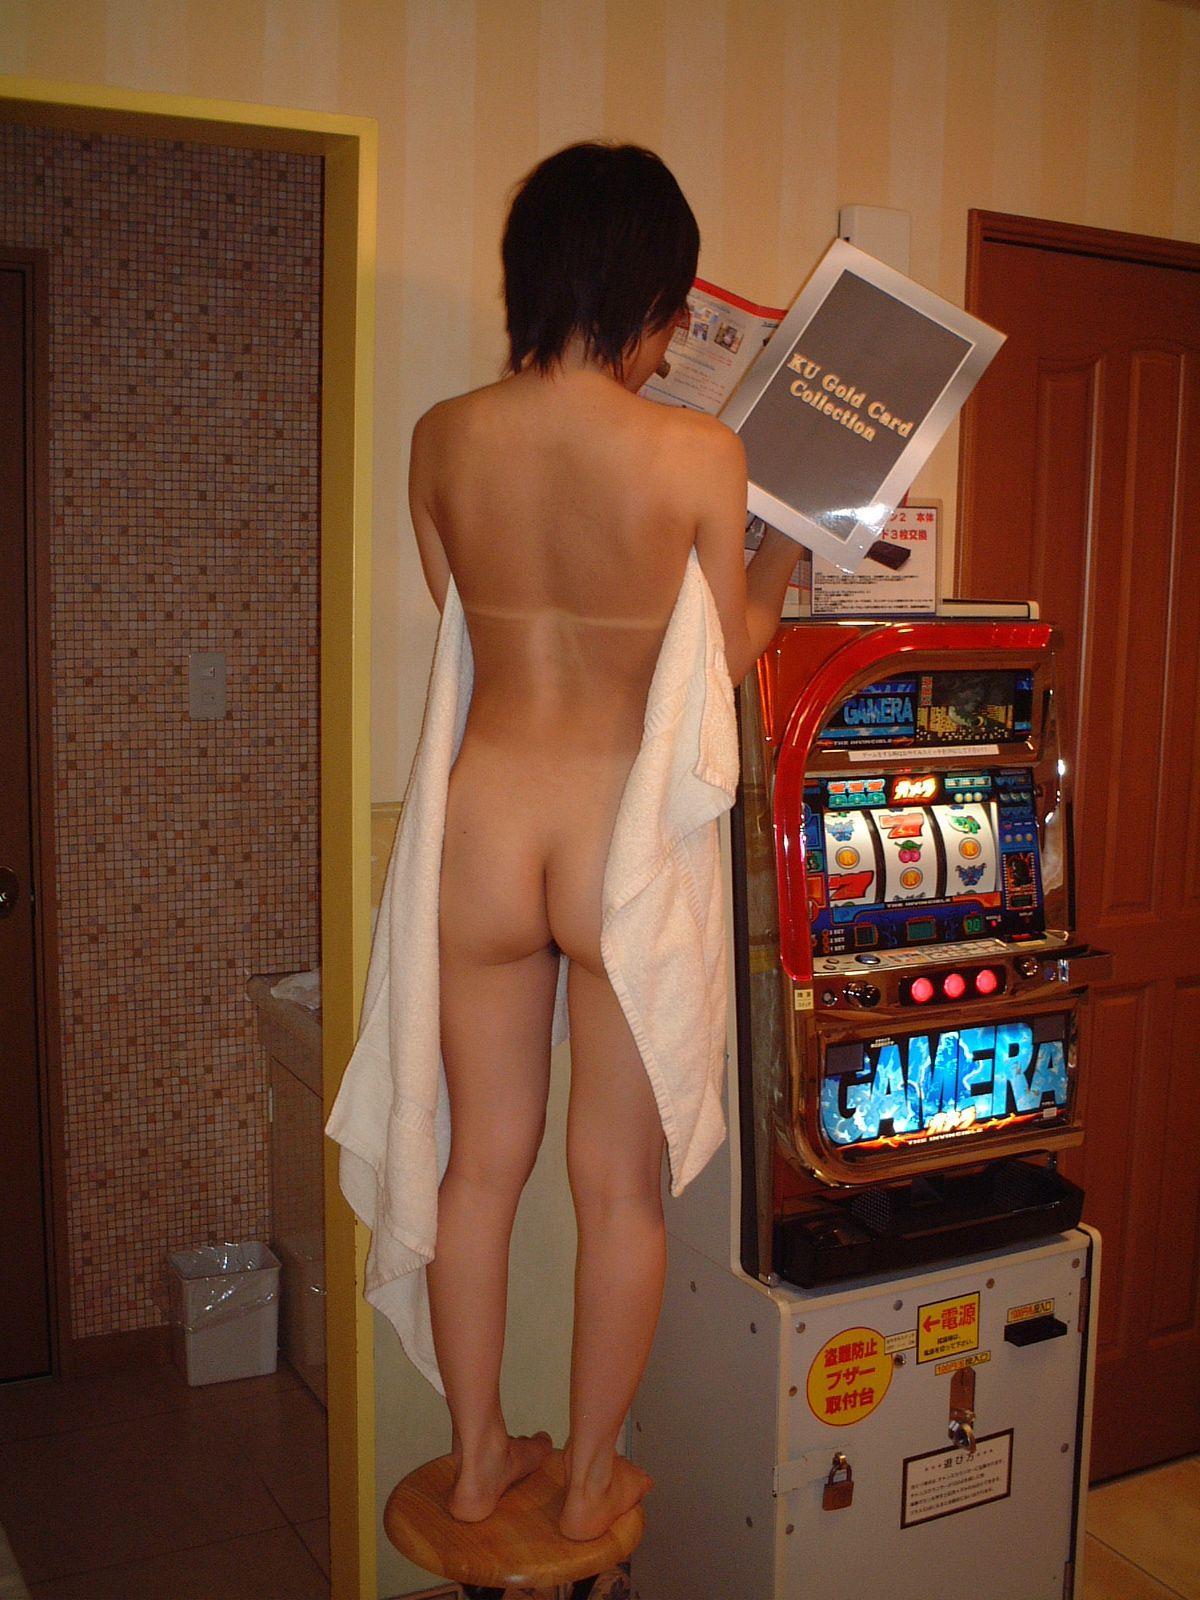 ラブホテルで撮られた彼女の裸 画像 11